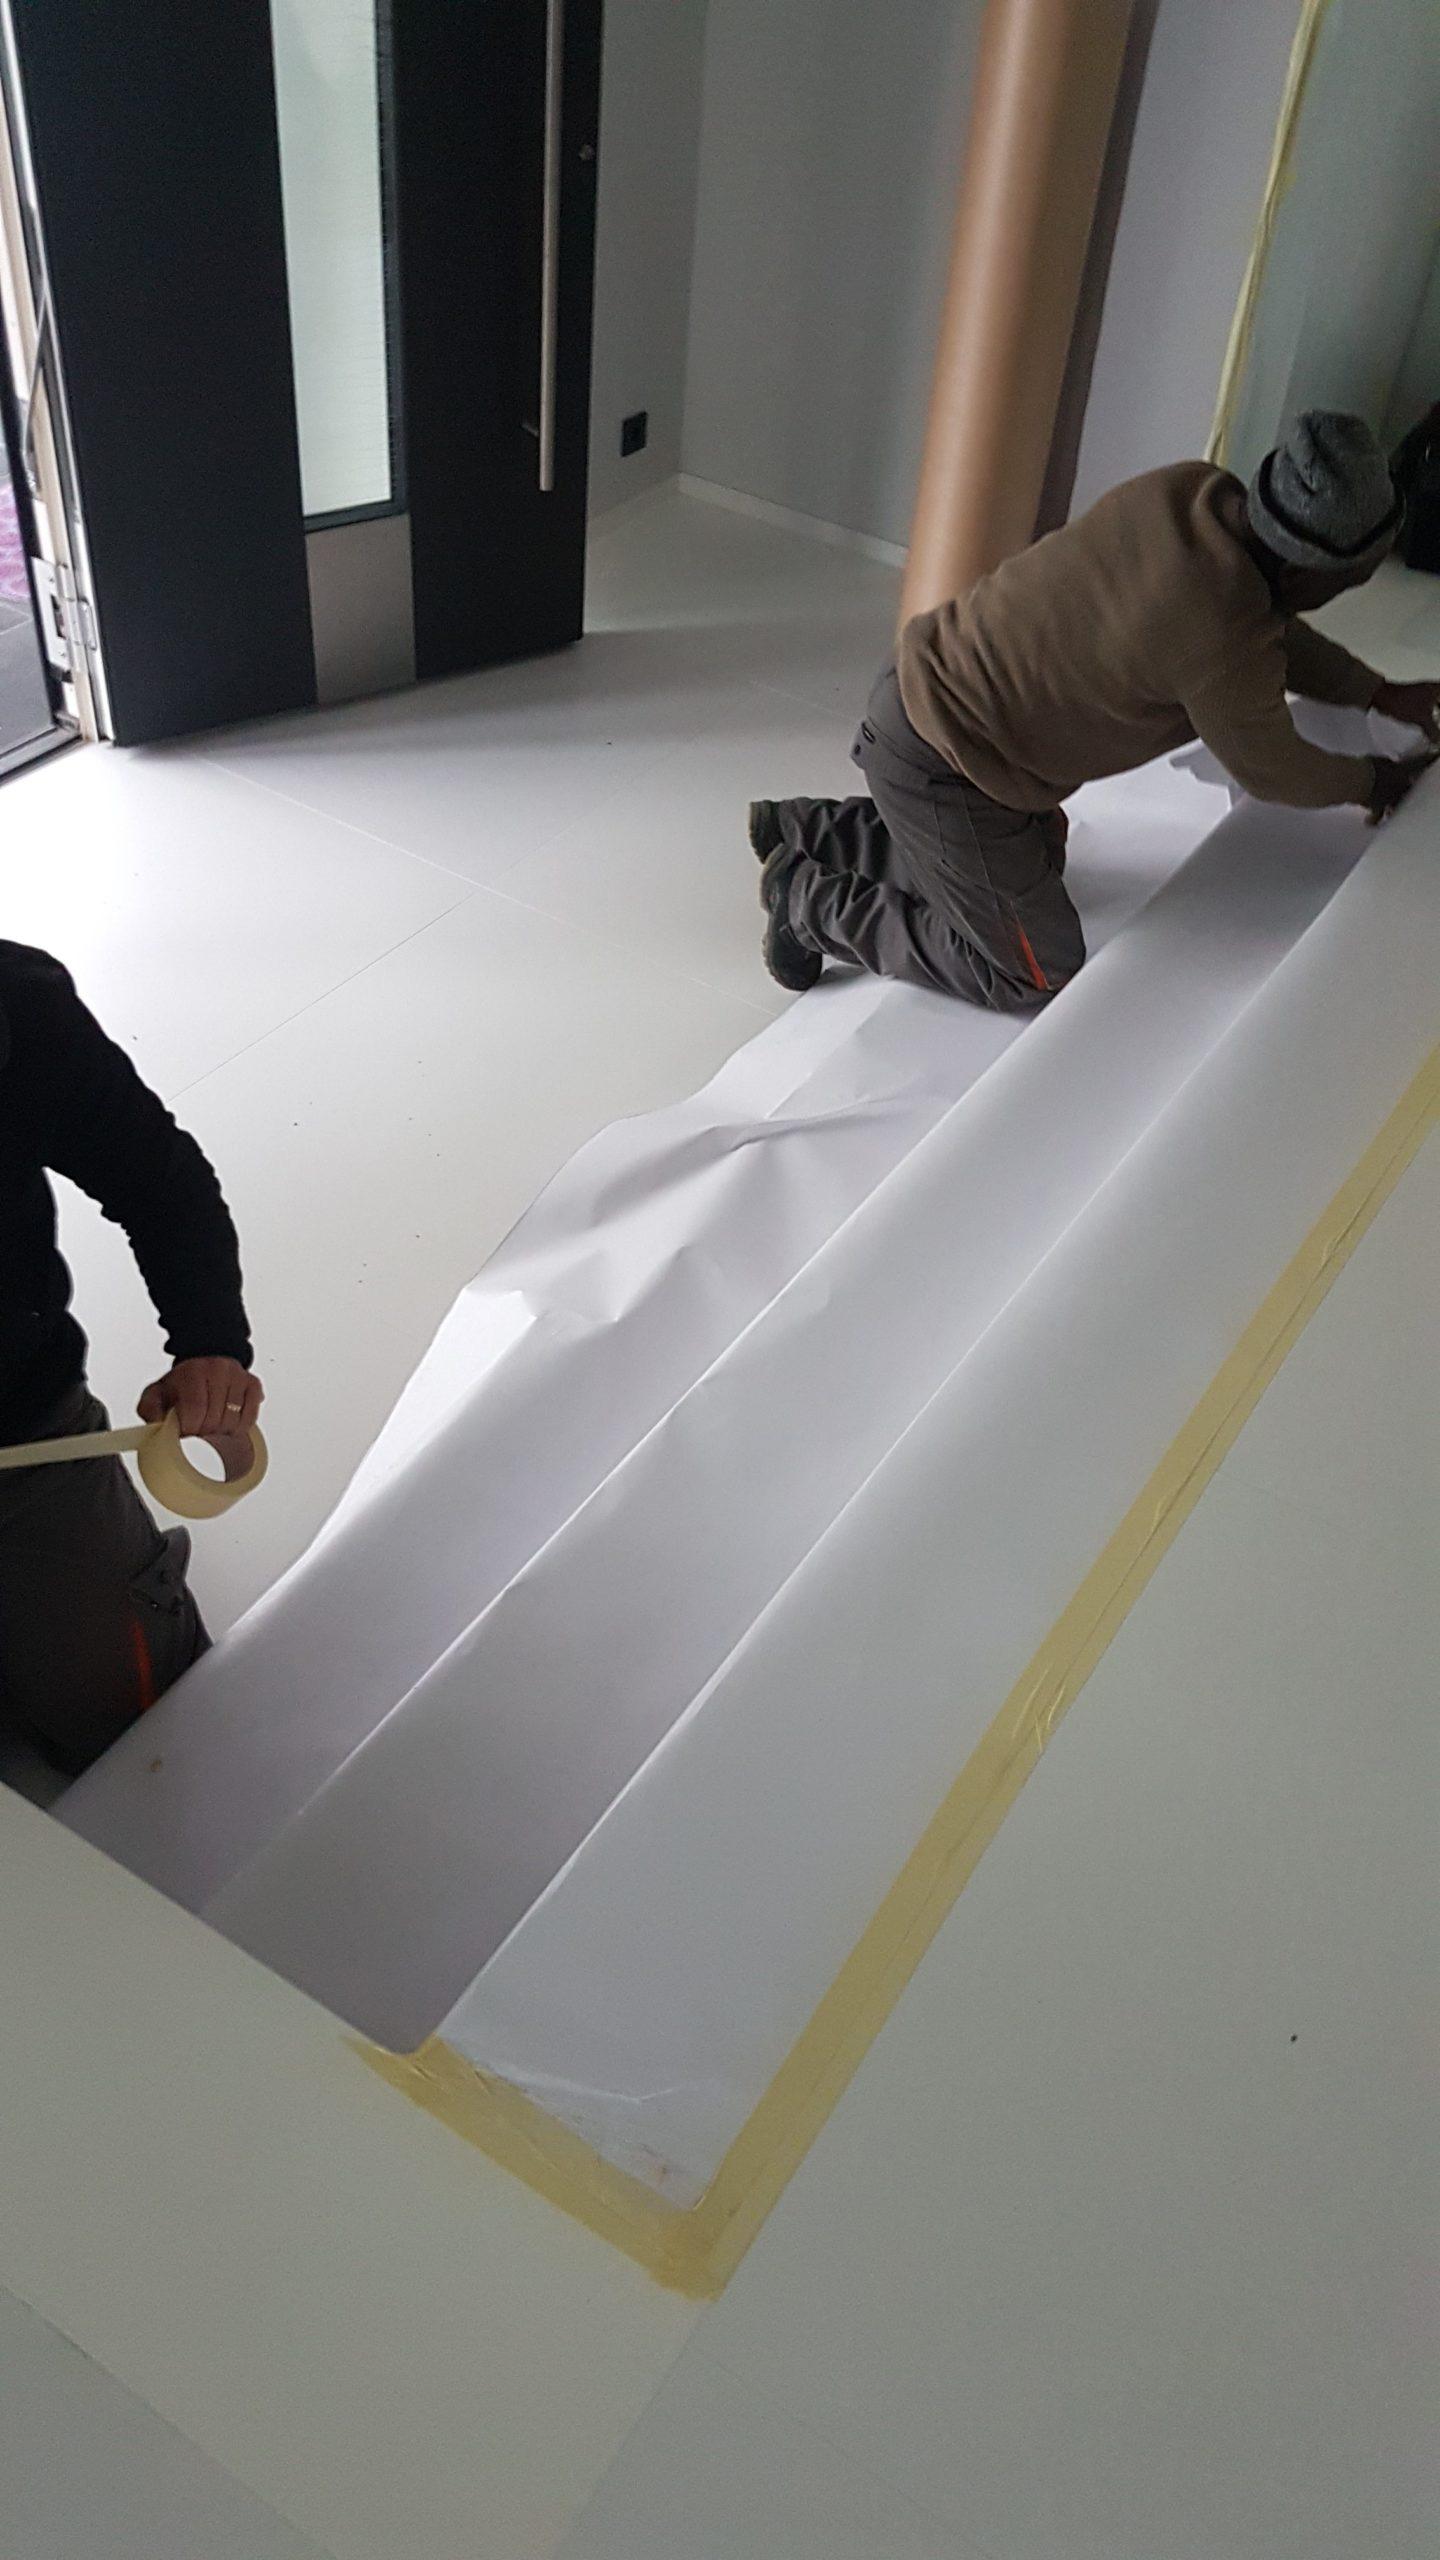 Protection des sols et escaliers d'intérieur pendant les travaux